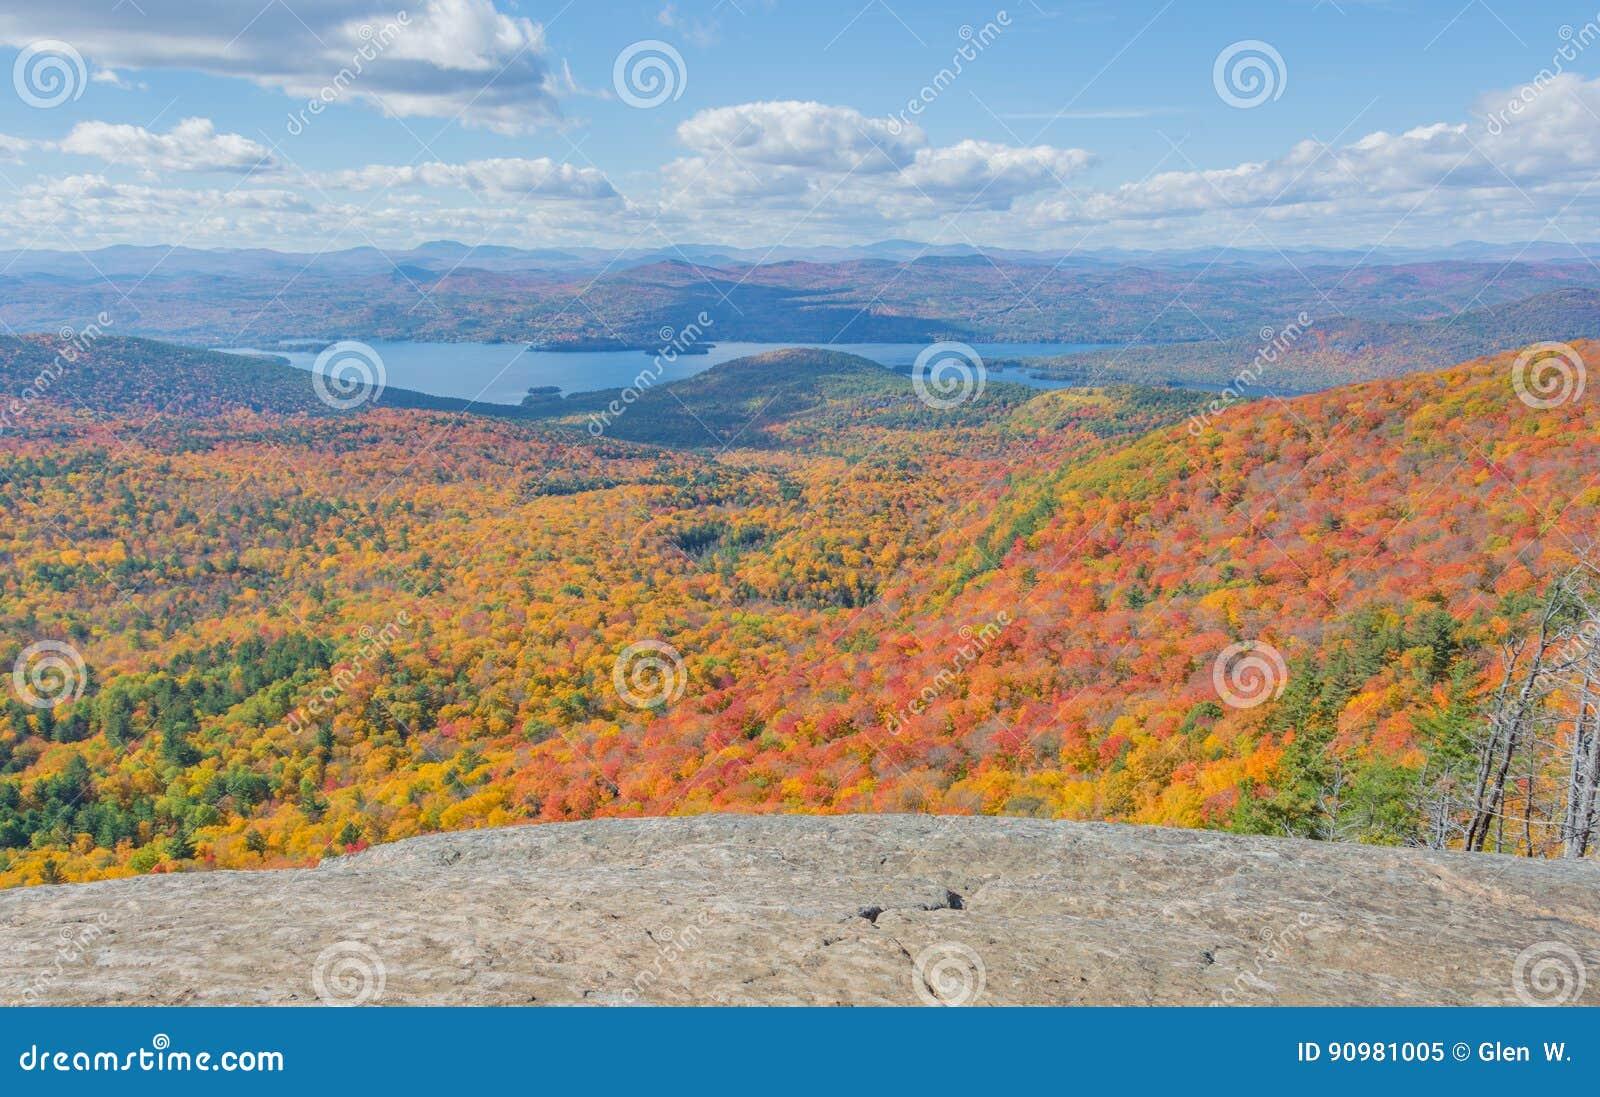 Поход после полудня середины октября в южном Adirondacks